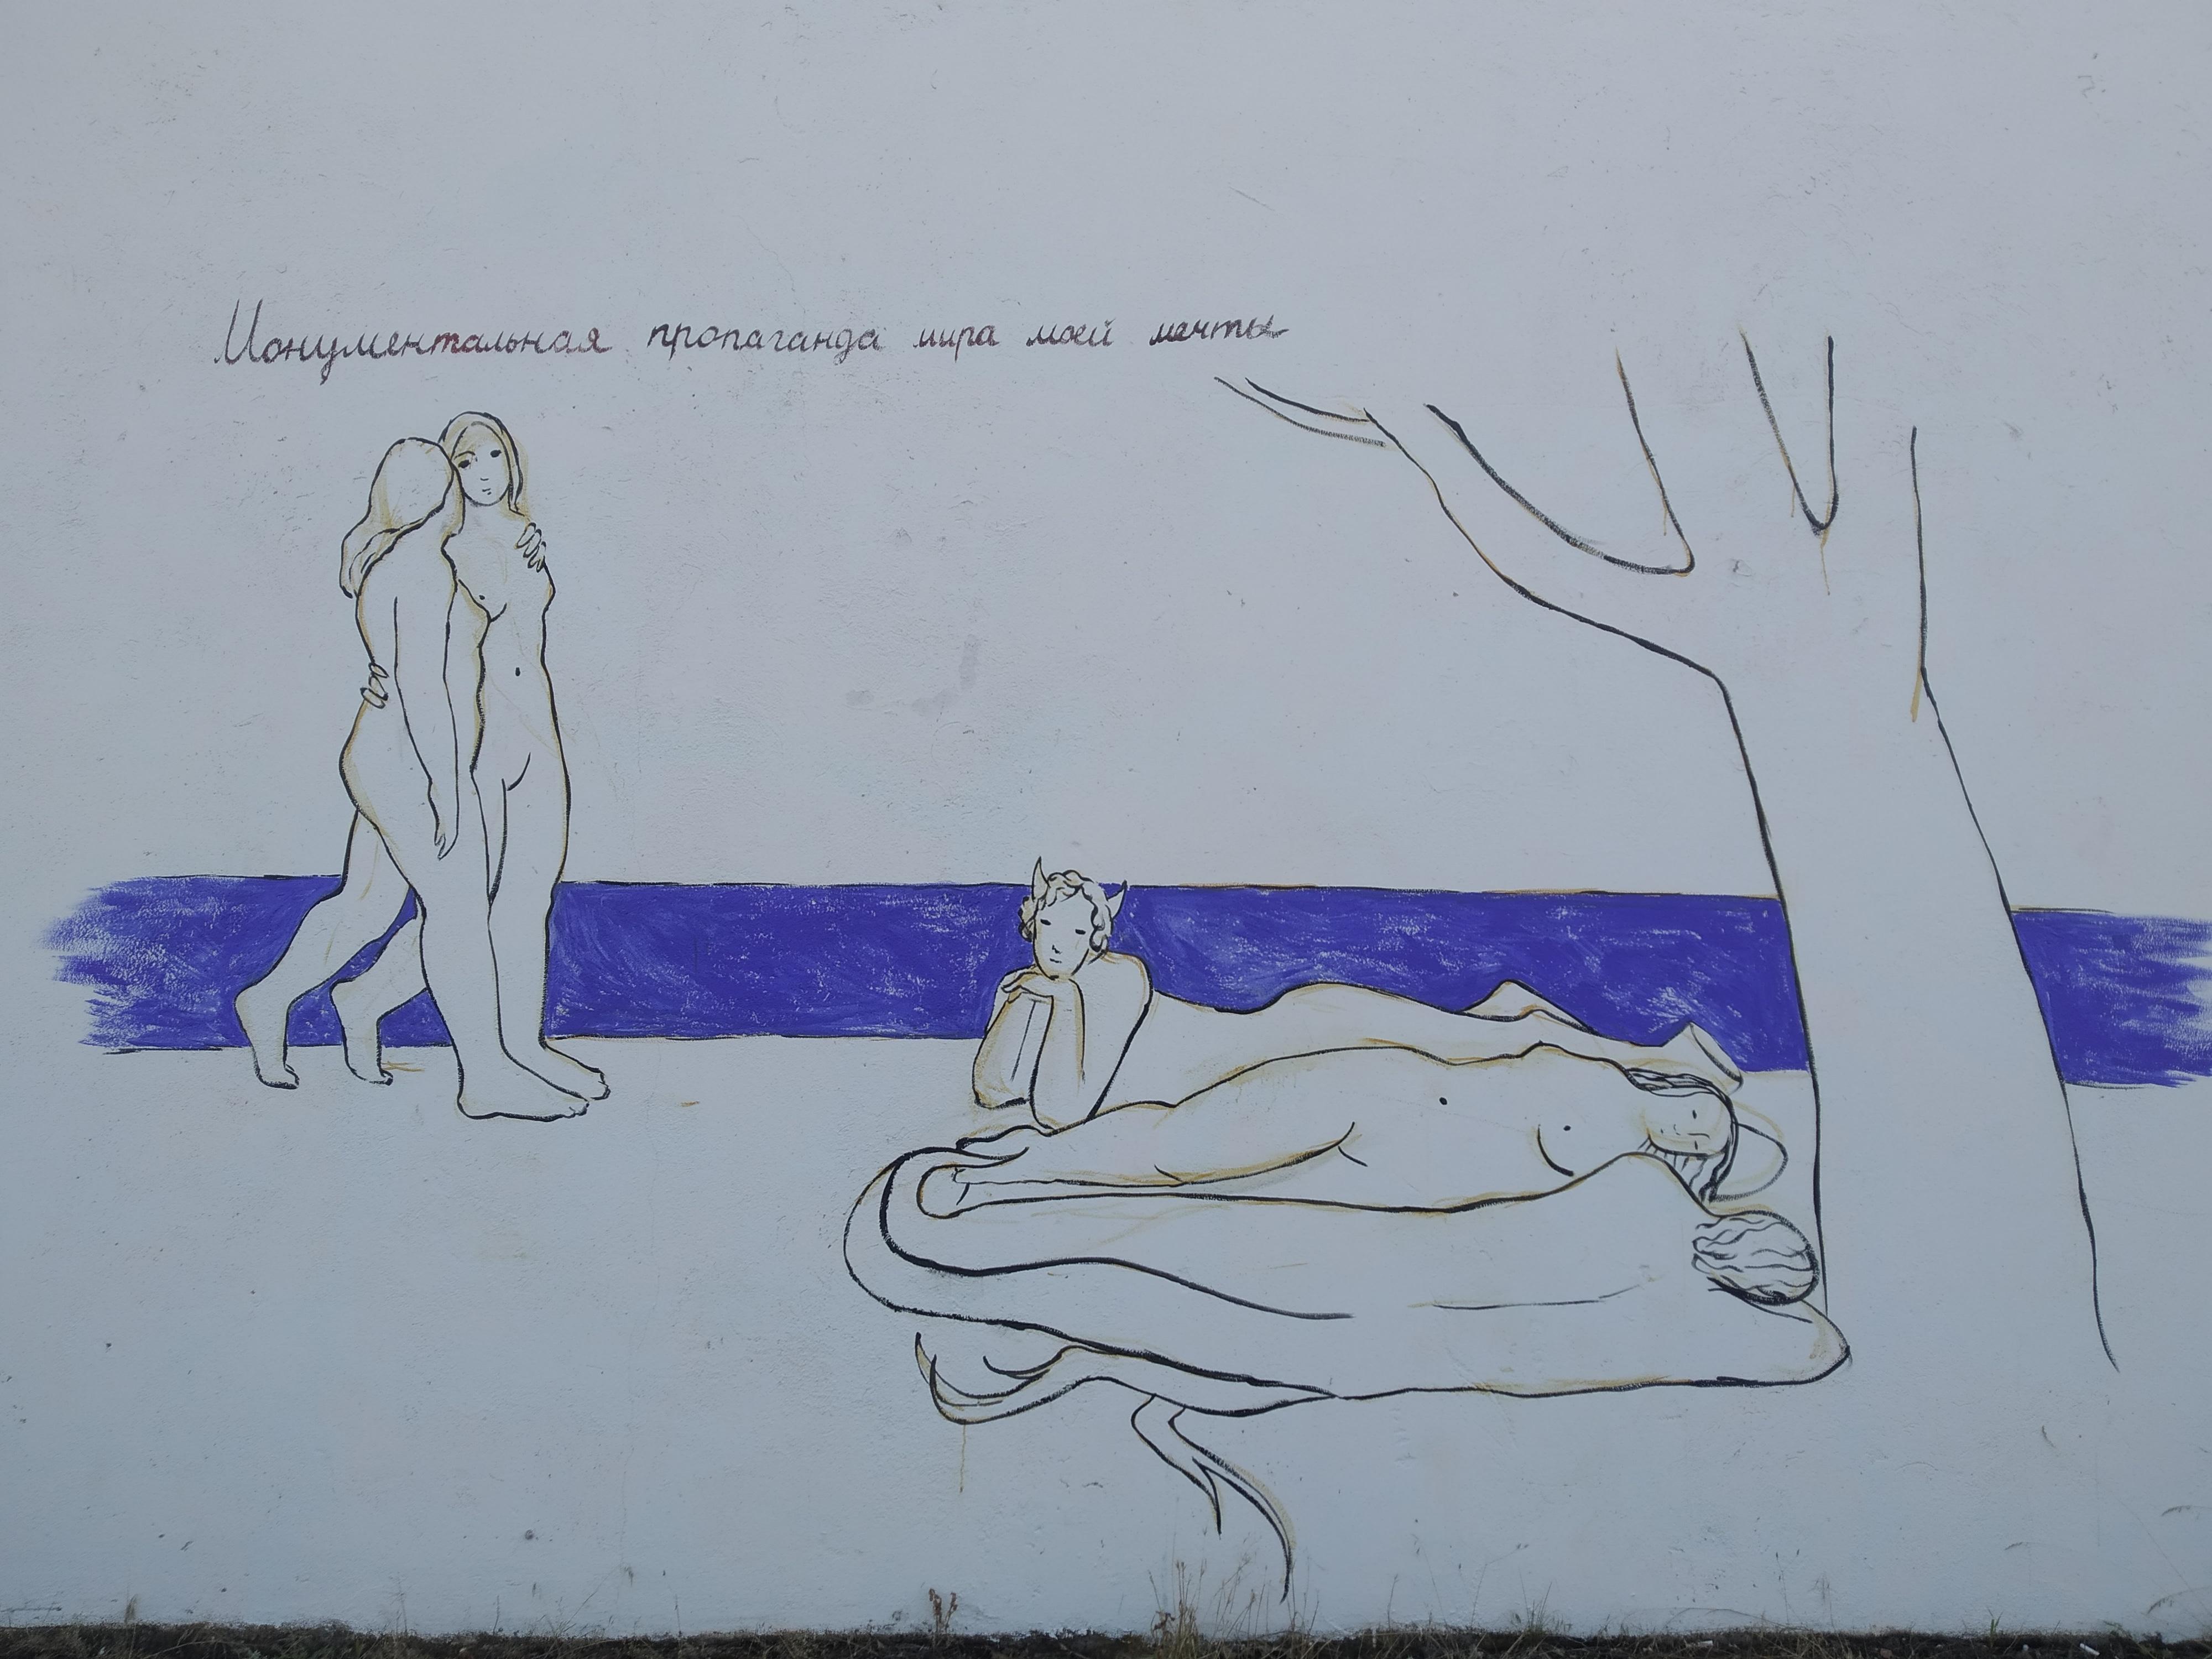 Катерина Лисовенко про «Монументальну пропаганду світу моєї мрії» та власну утопію